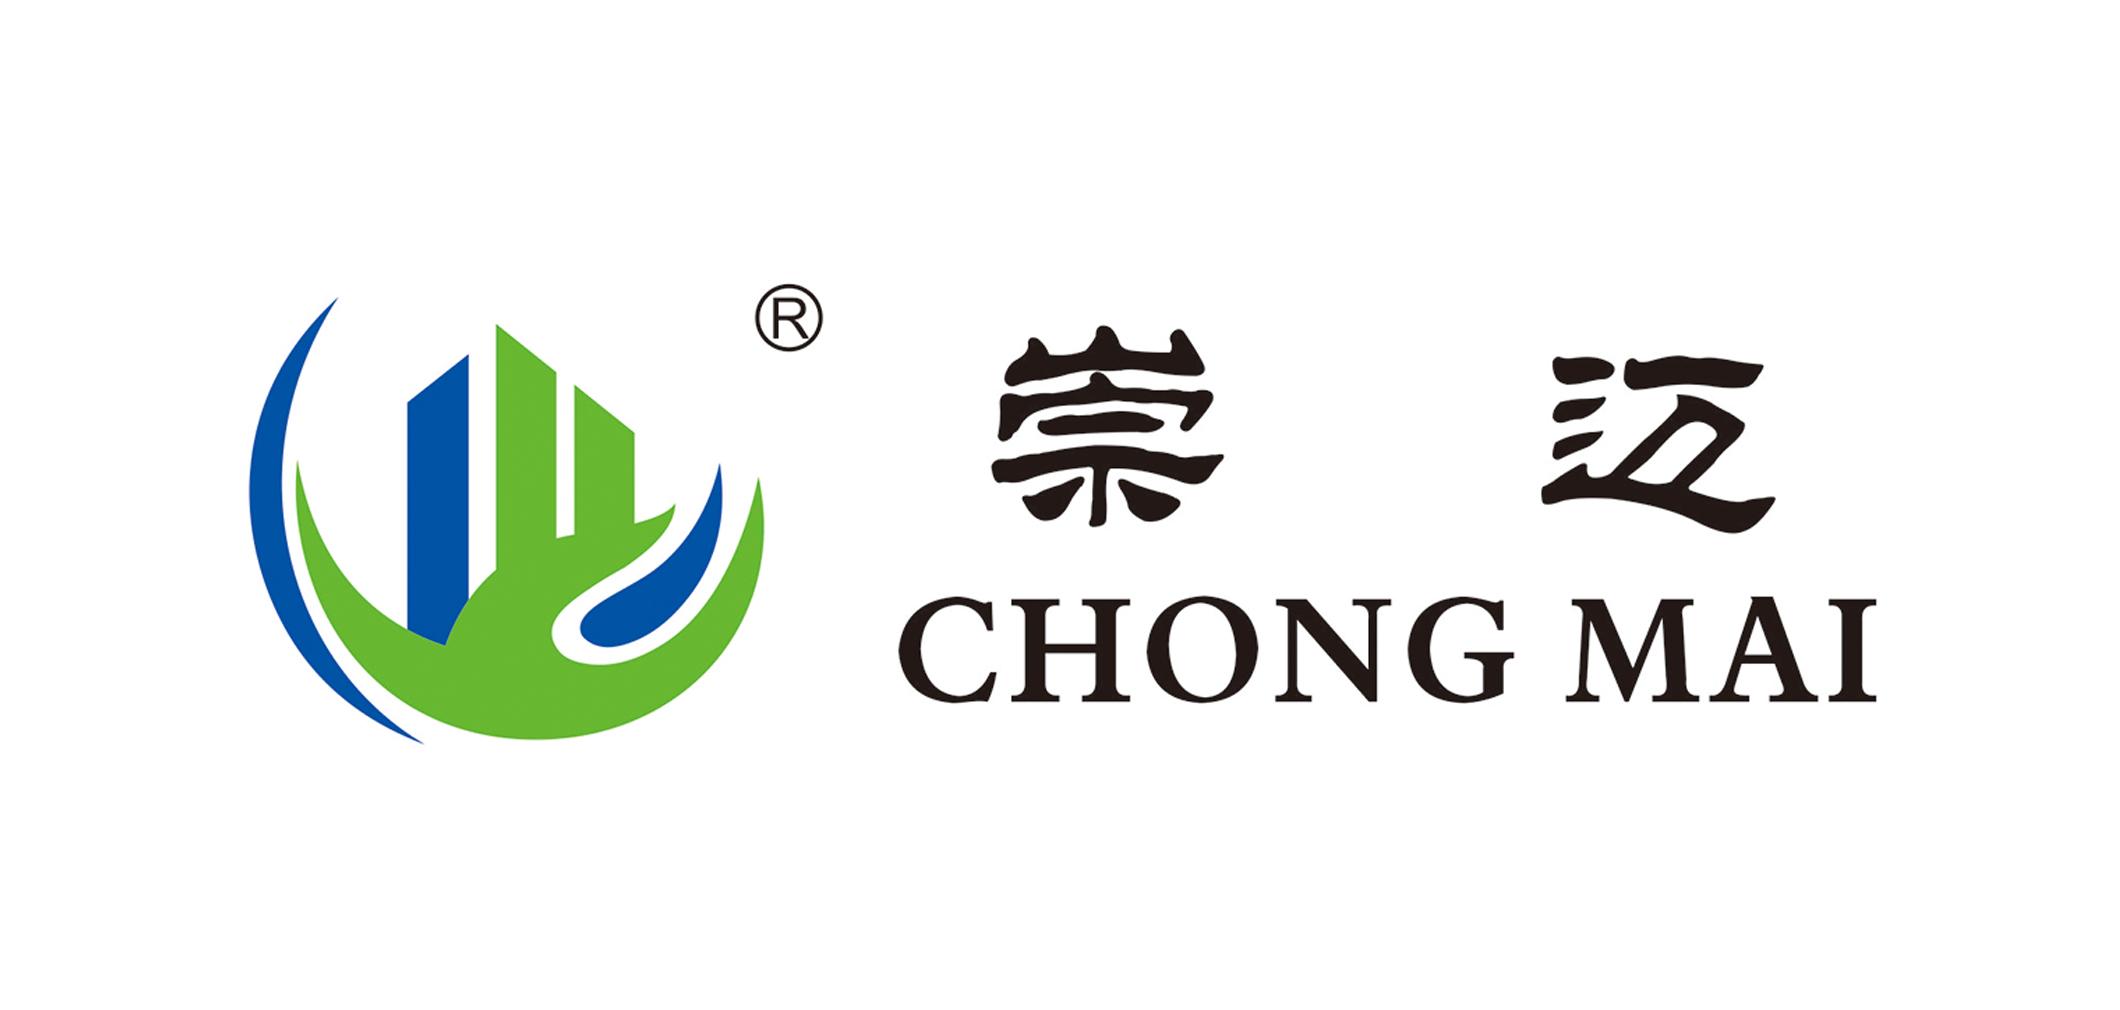 重庆崇迈建筑装饰设计工程有限公司